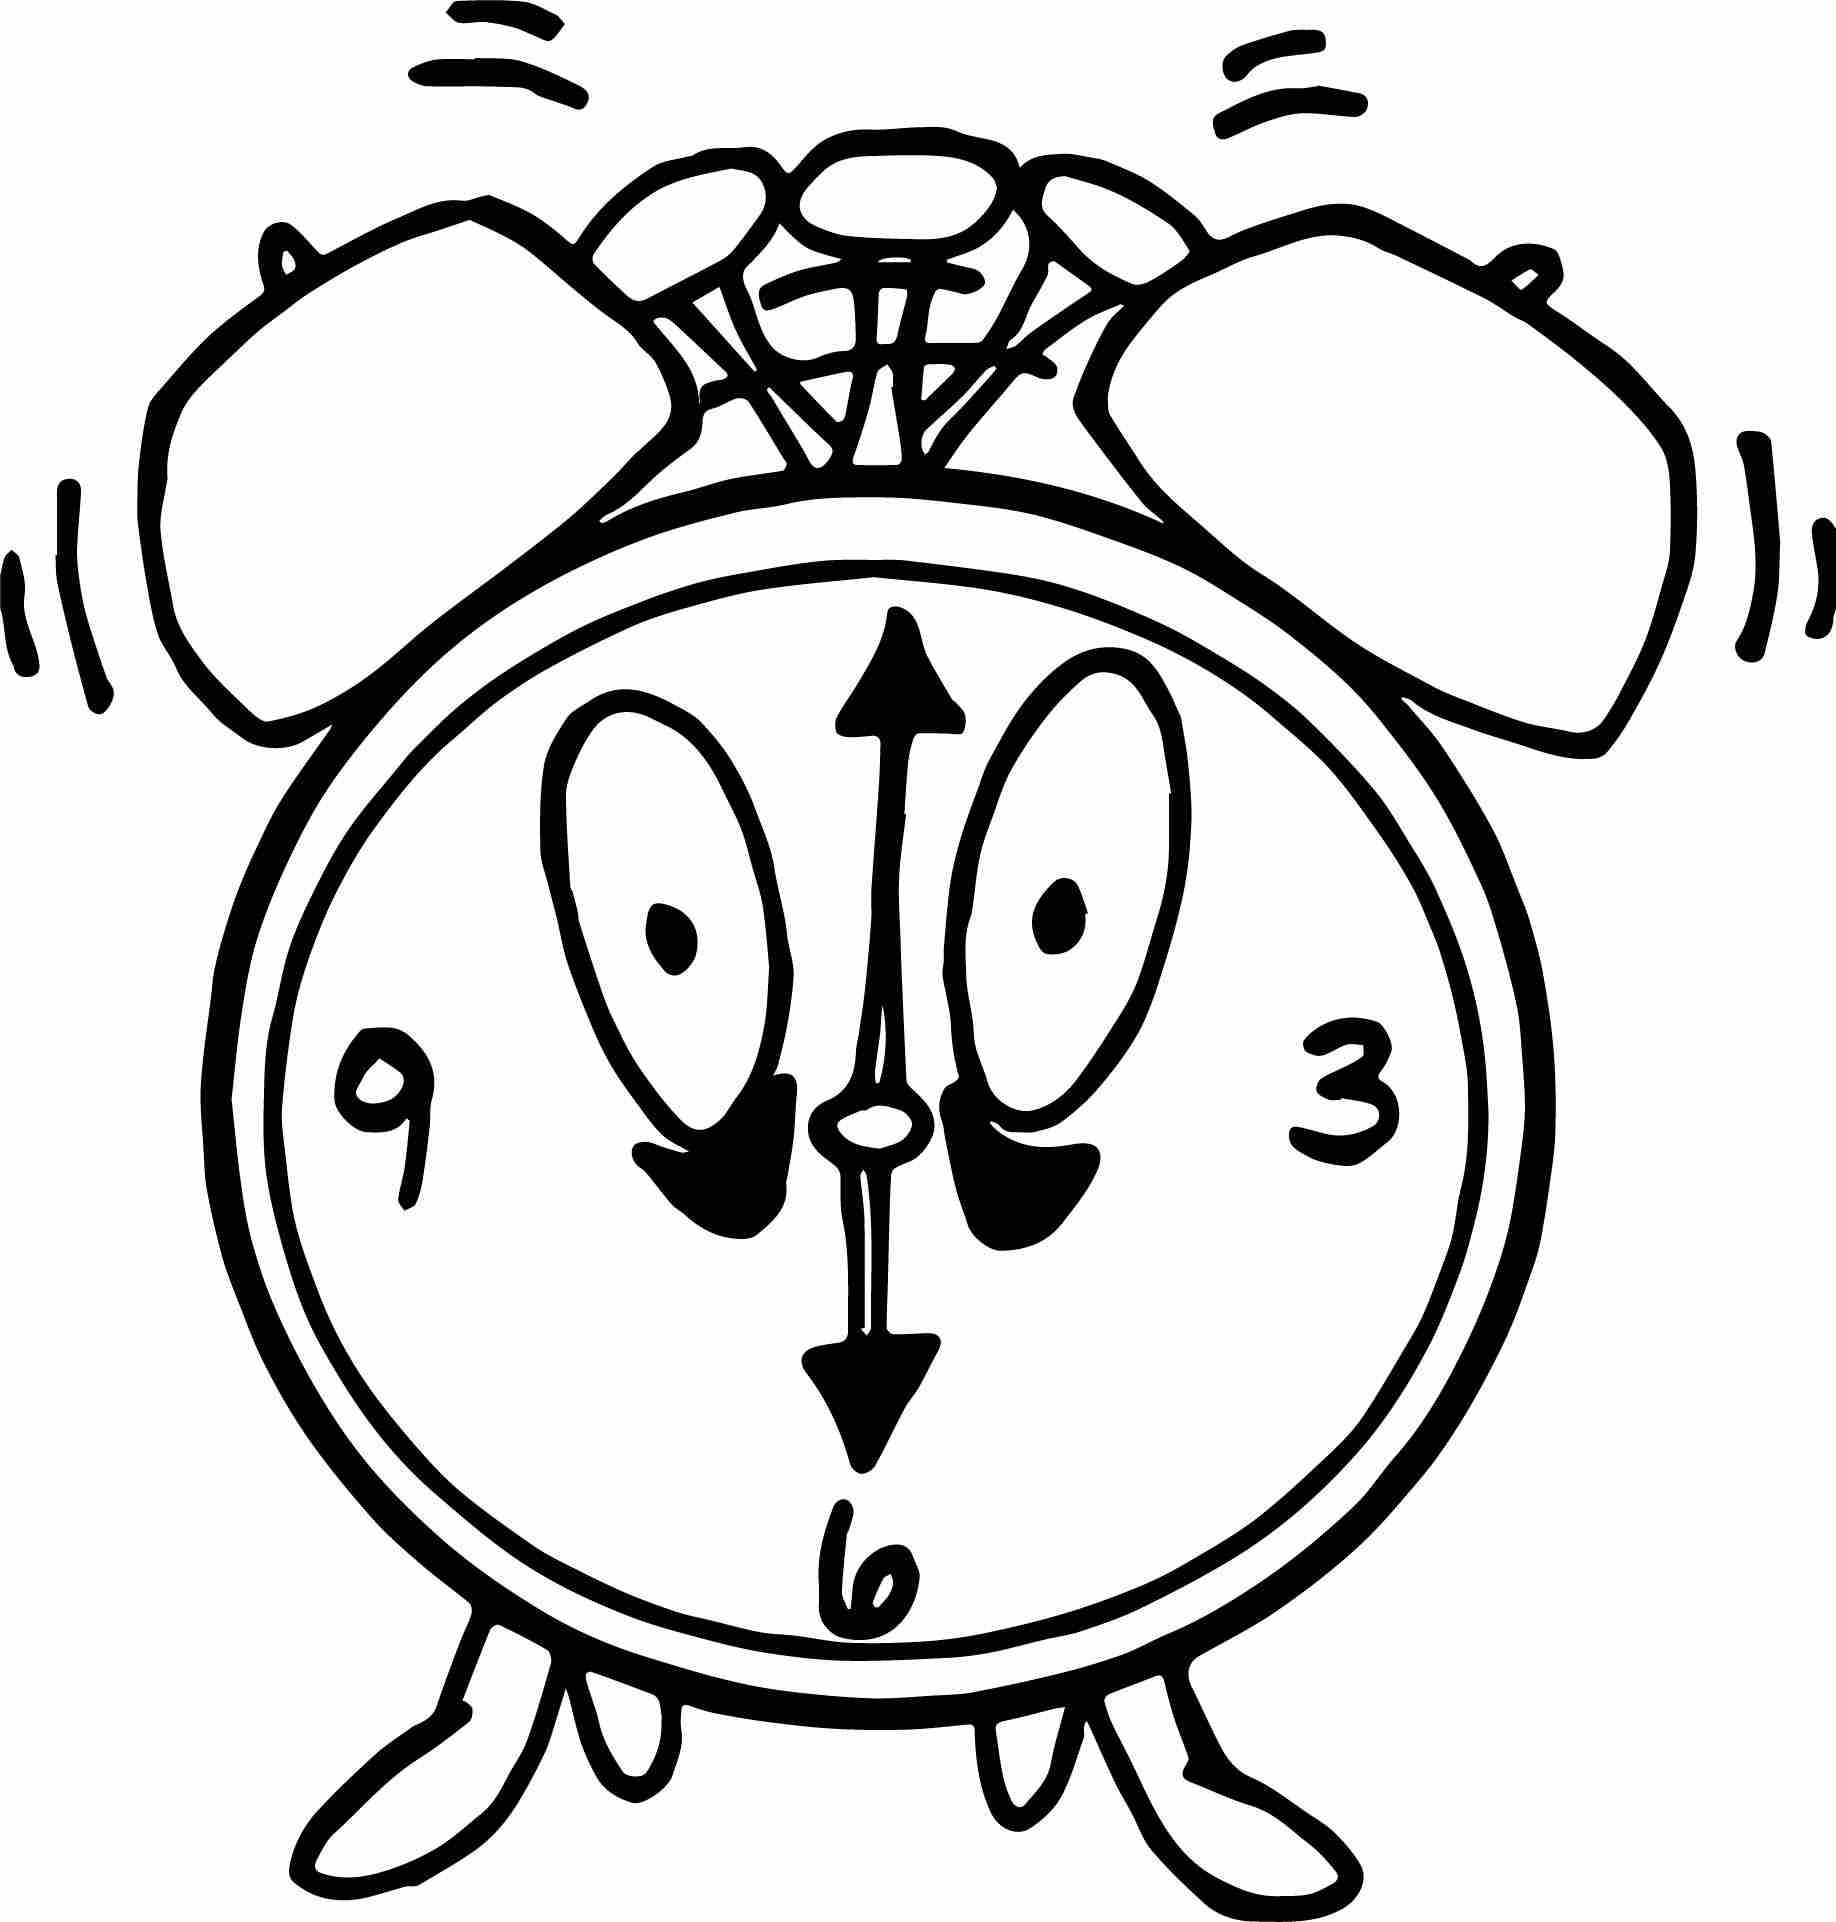 1836x1922 Alarm Clock Coloring Page Wecoloringpage Exceptional Olegratiy